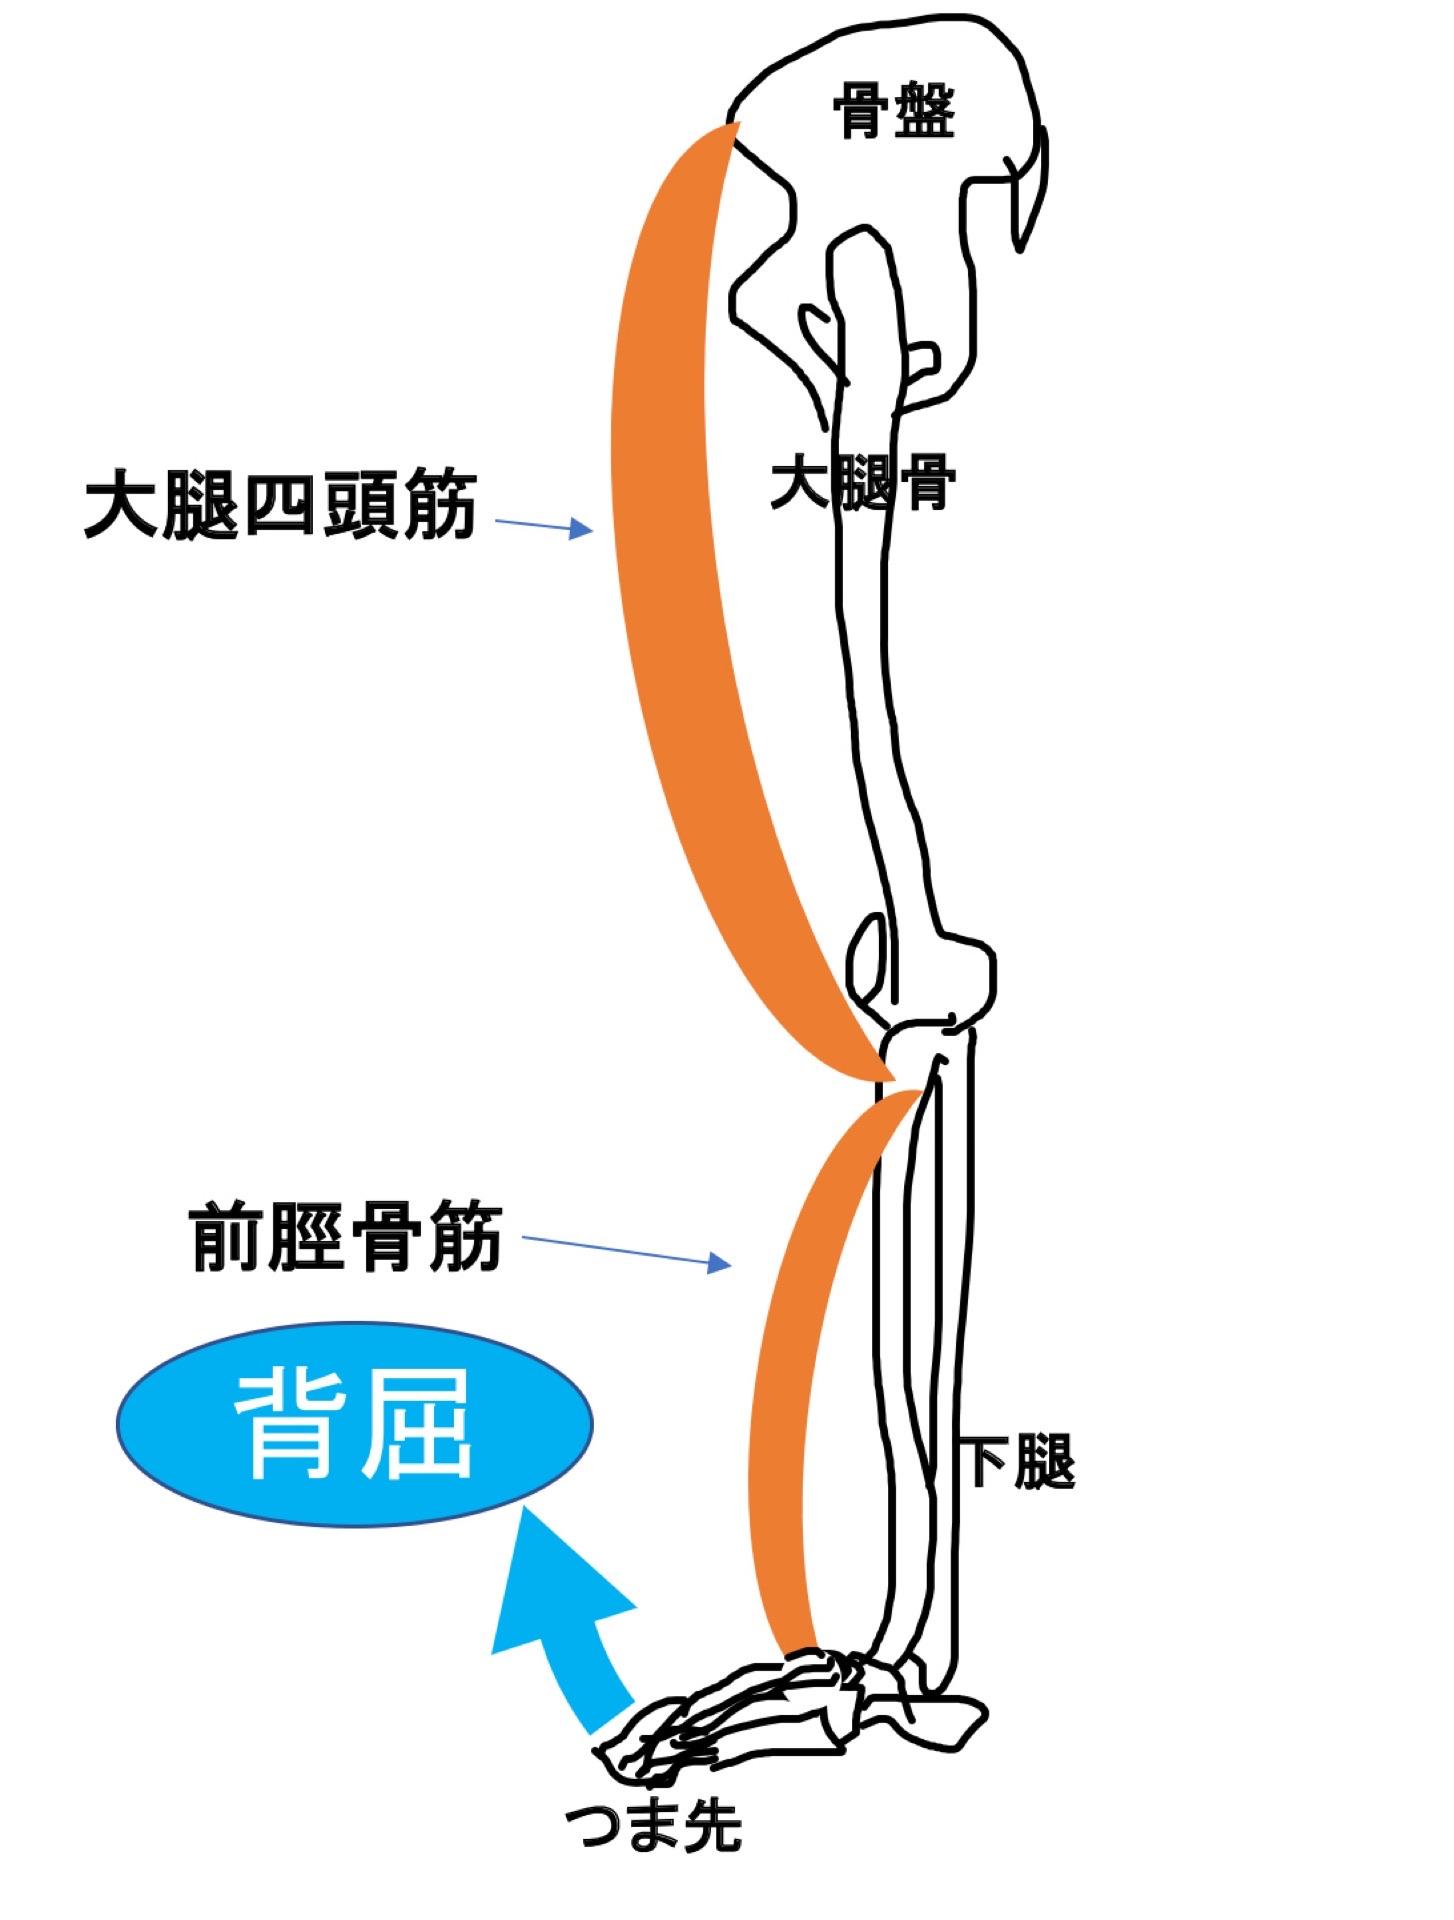 前脛骨筋と大腿四頭筋の関係